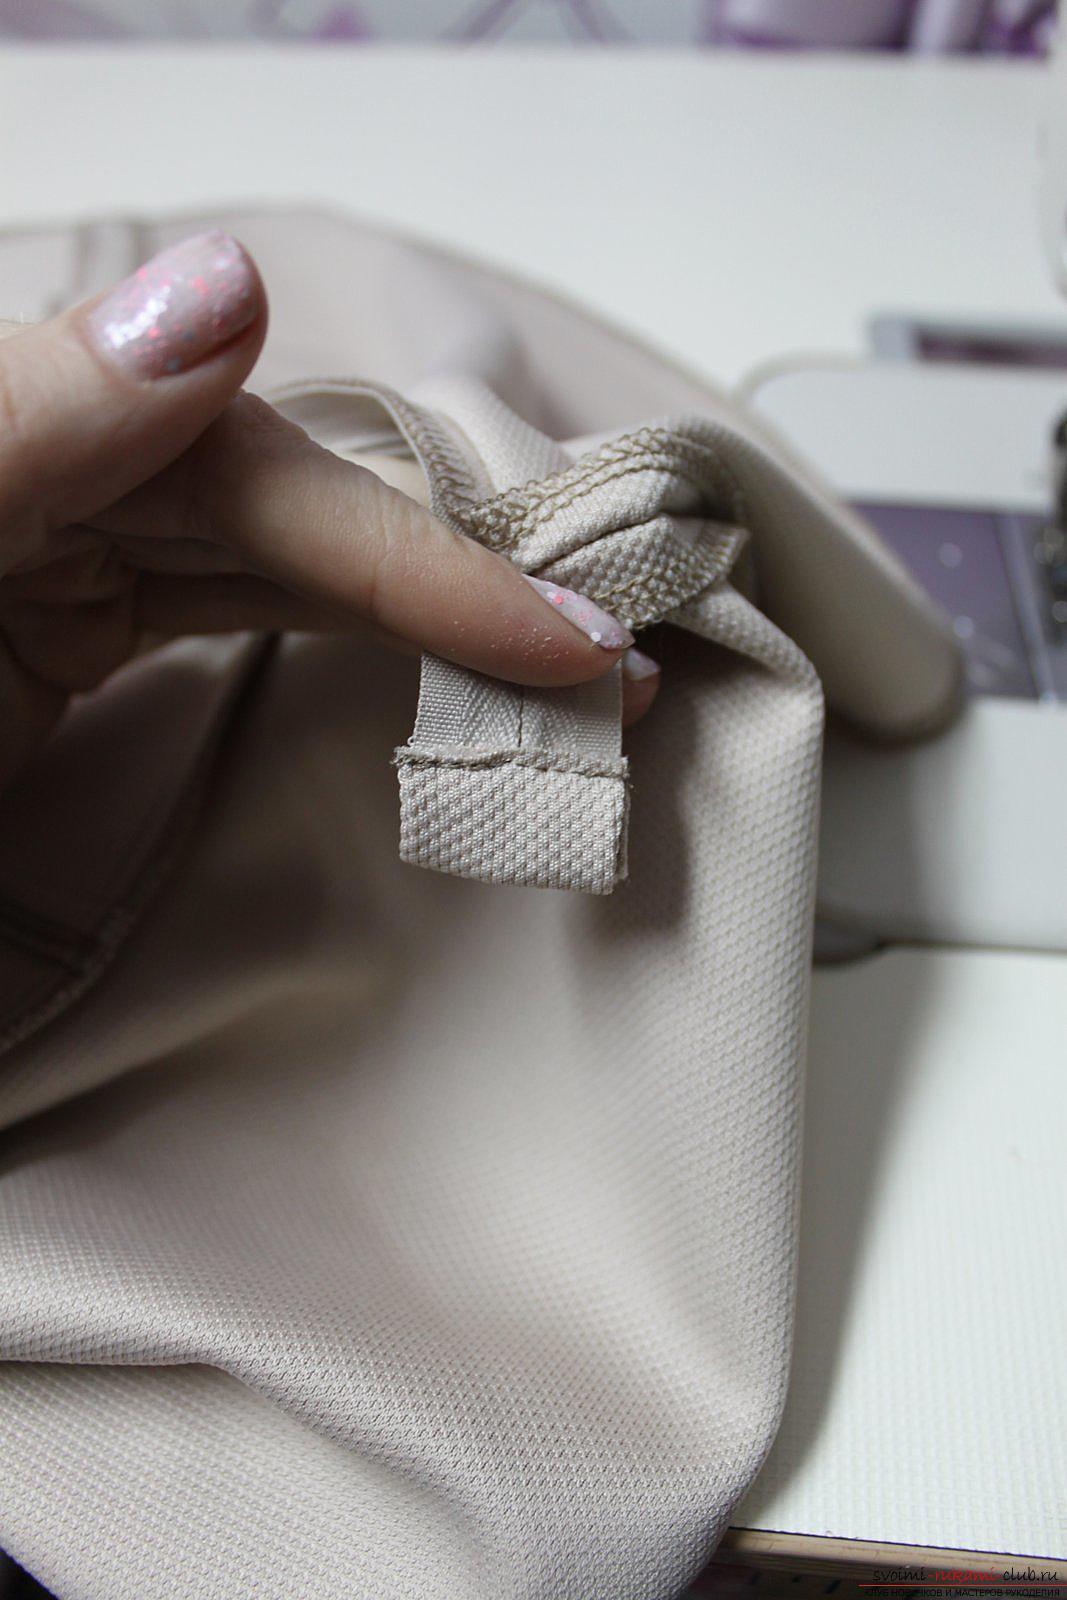 Этот подробный мастер-класс с фото и выкройкой научит шитью своими руками блузки с баской.. Фото №25